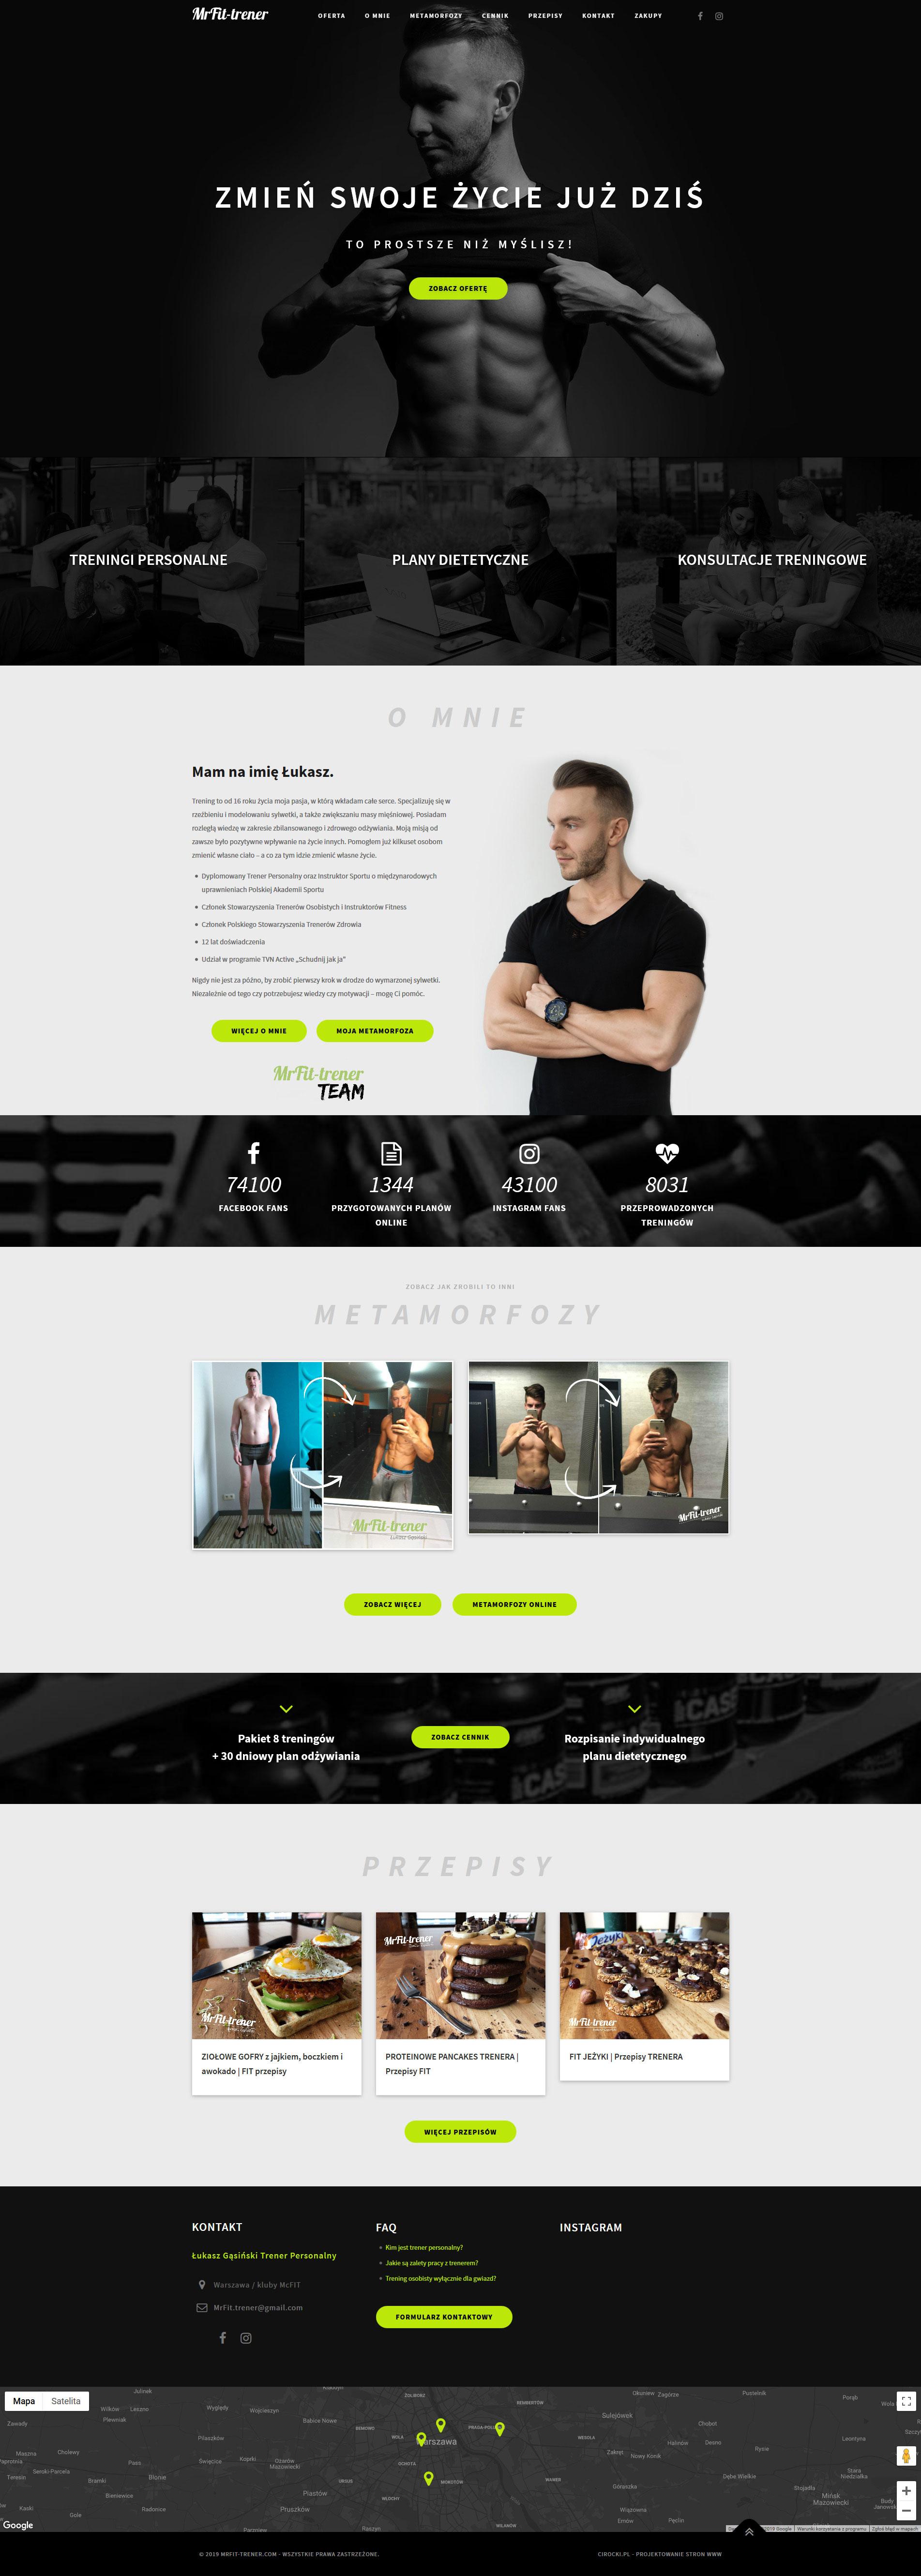 strona internetowa trenera Fitness z przepisami na blogu